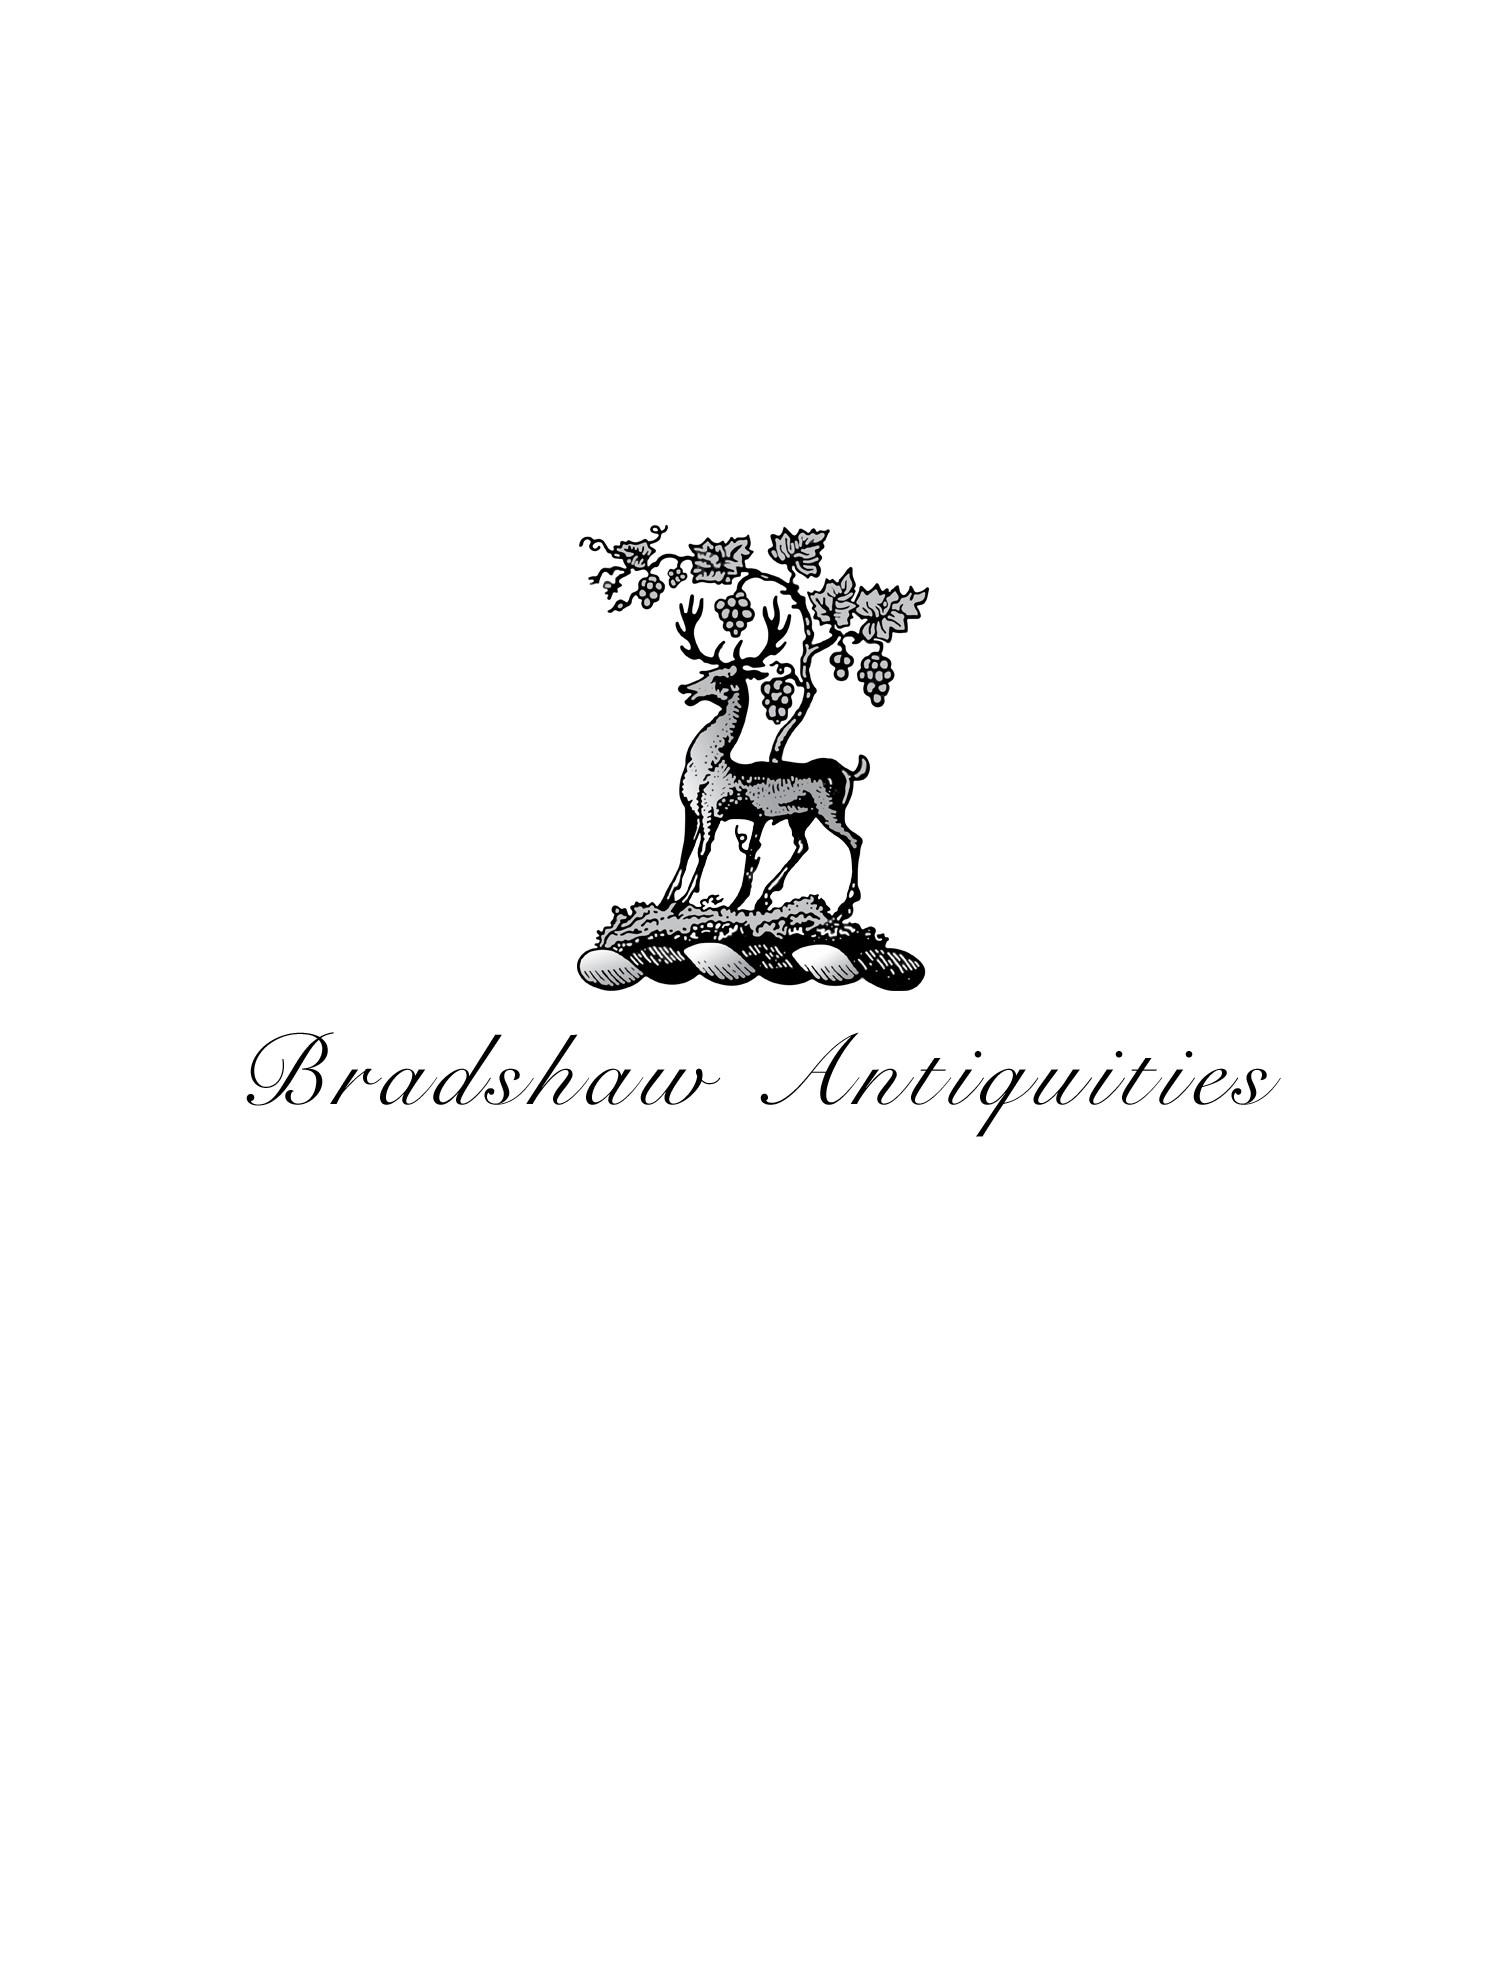 Bradshaw Antiquities